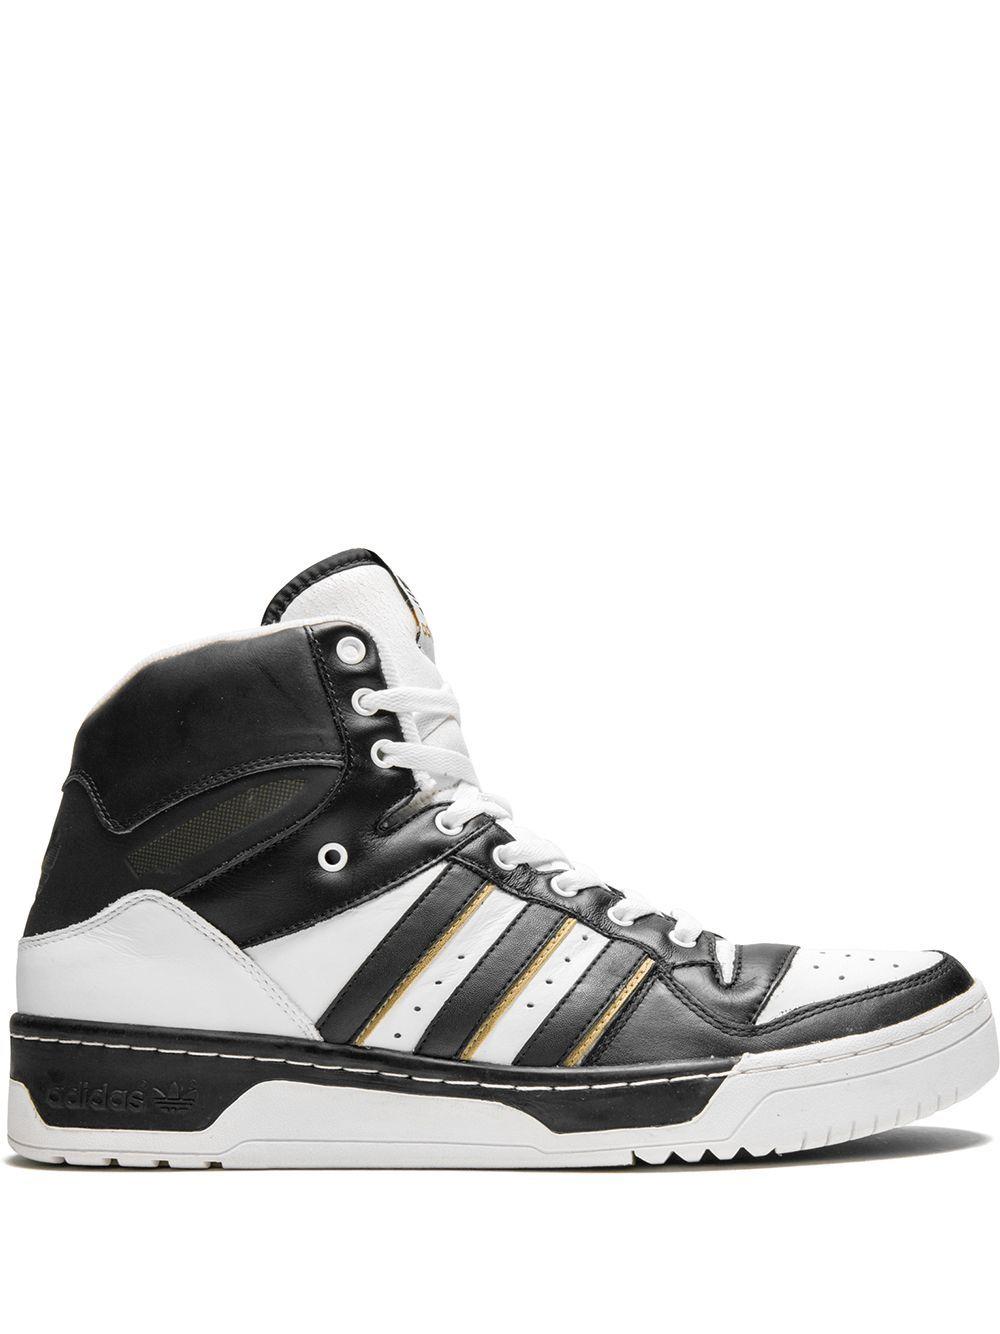 Adidas Attitude Hi Sneakers White Adidas Attitude Sneakers